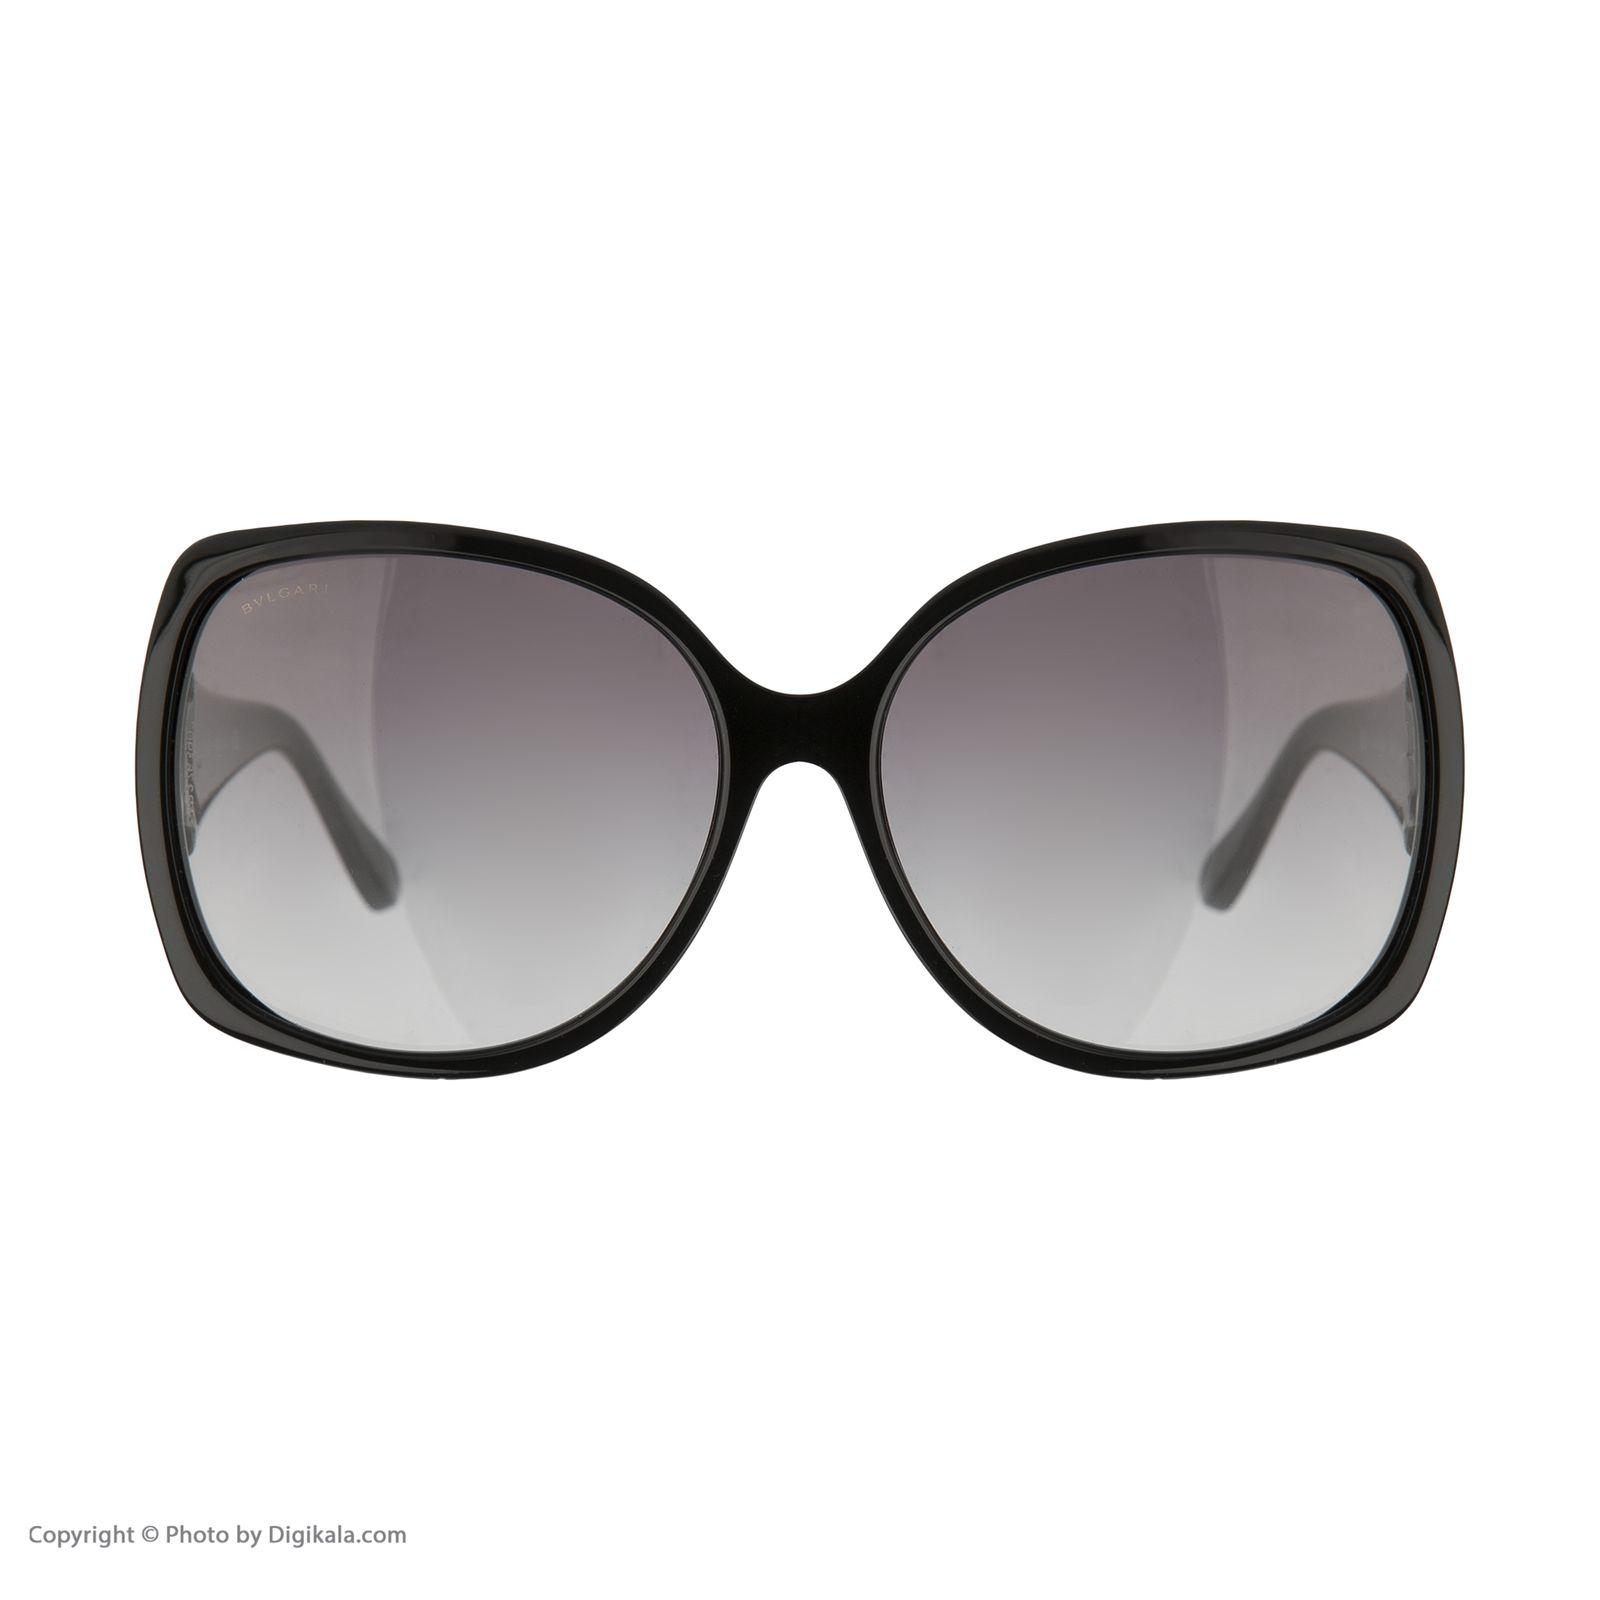 عینک آفتابی زنانه بولگاری مدل BV8078S 90111 -  - 3